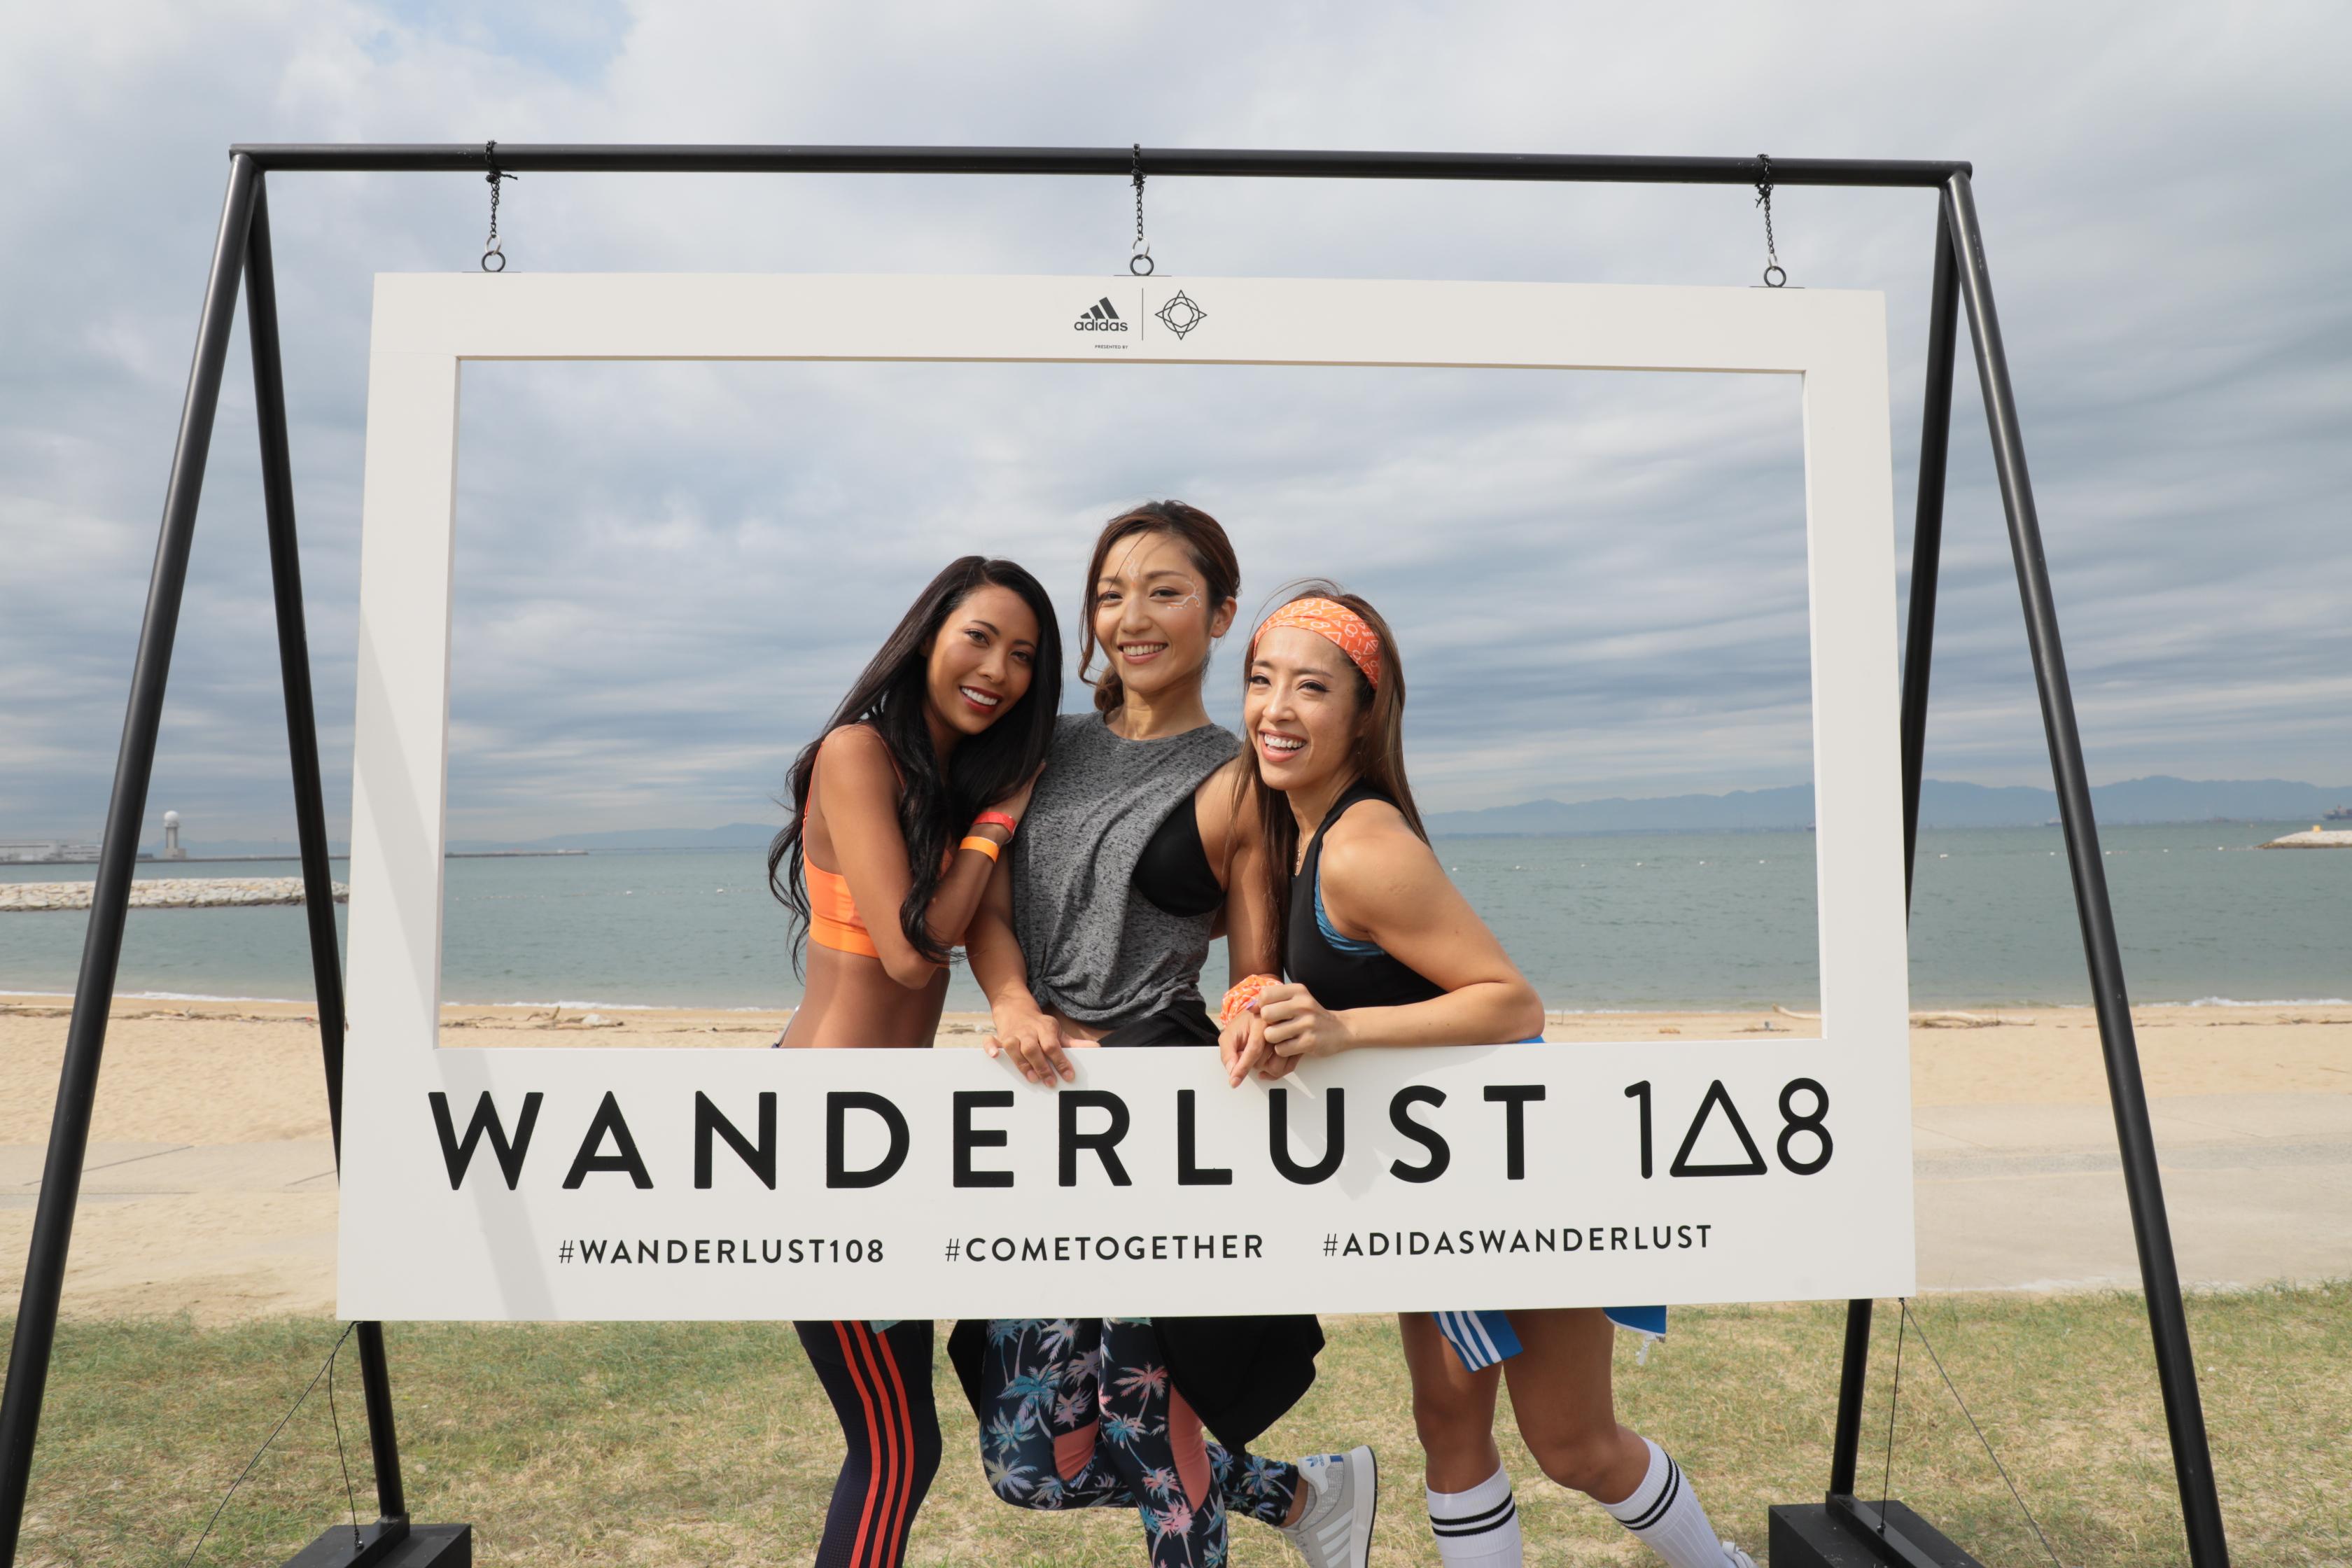 ワンダーラスト, wanderlust